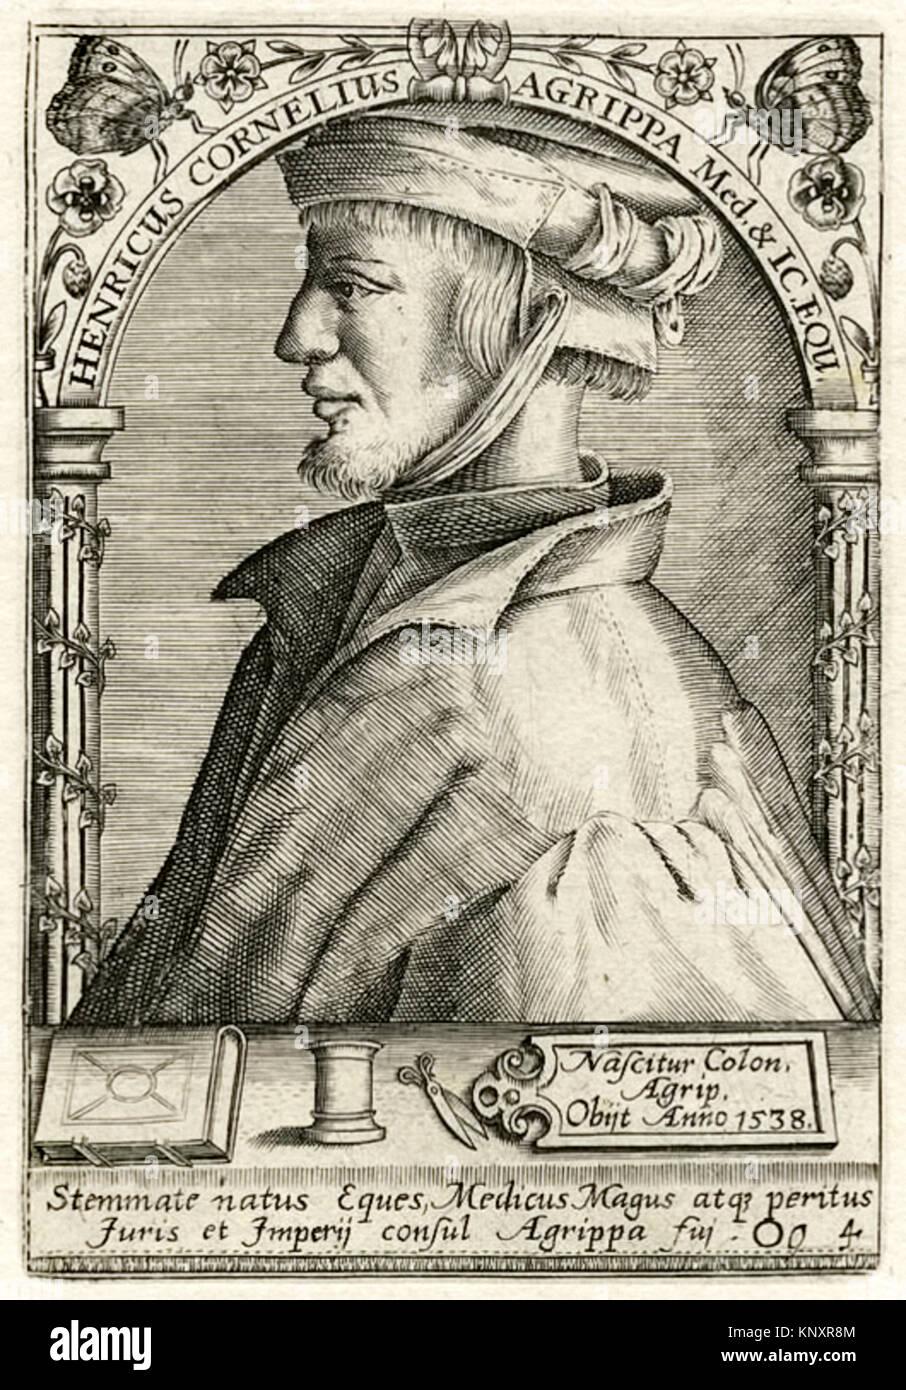 Henricus Cornelius Agrippa Med. & IC. EQU. Stemmate natus Ee, Medicus Magus atqy peritus Furis et Imperij. Konsul Stockbild